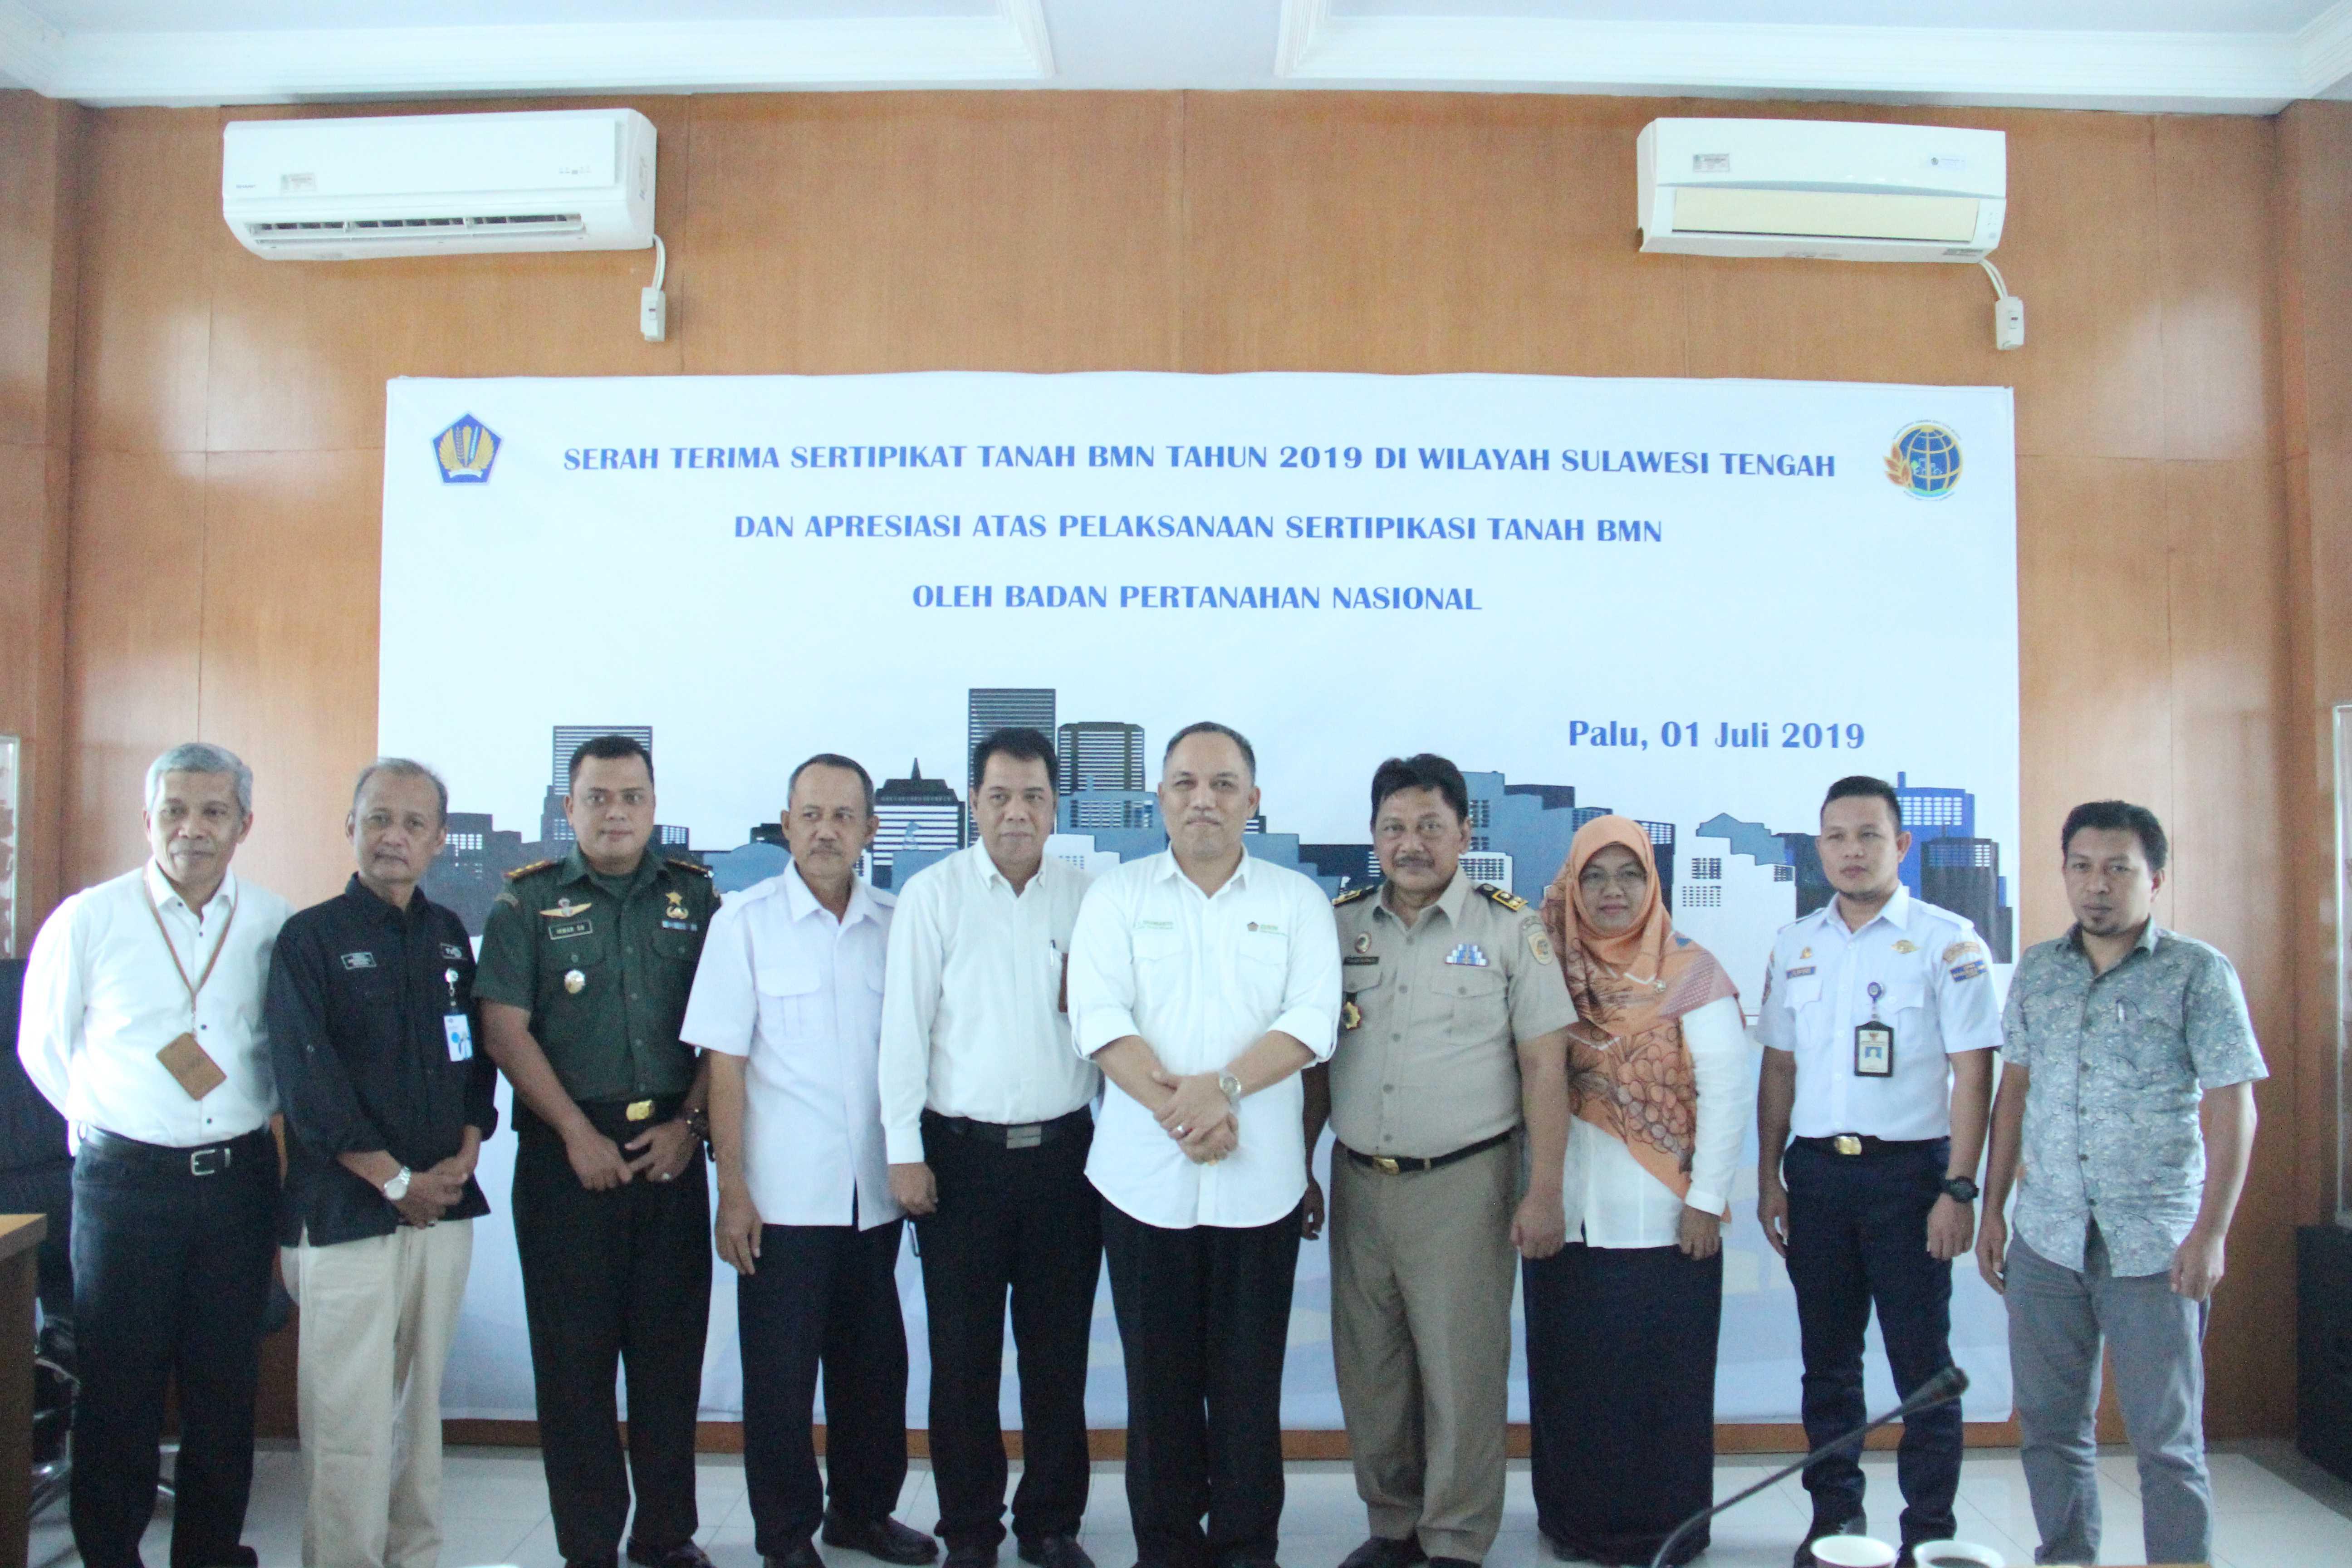 Serah Terima Sertifikat Tanah BMN Tahun 2019 Di Wilayah Sulawesi Tengah.